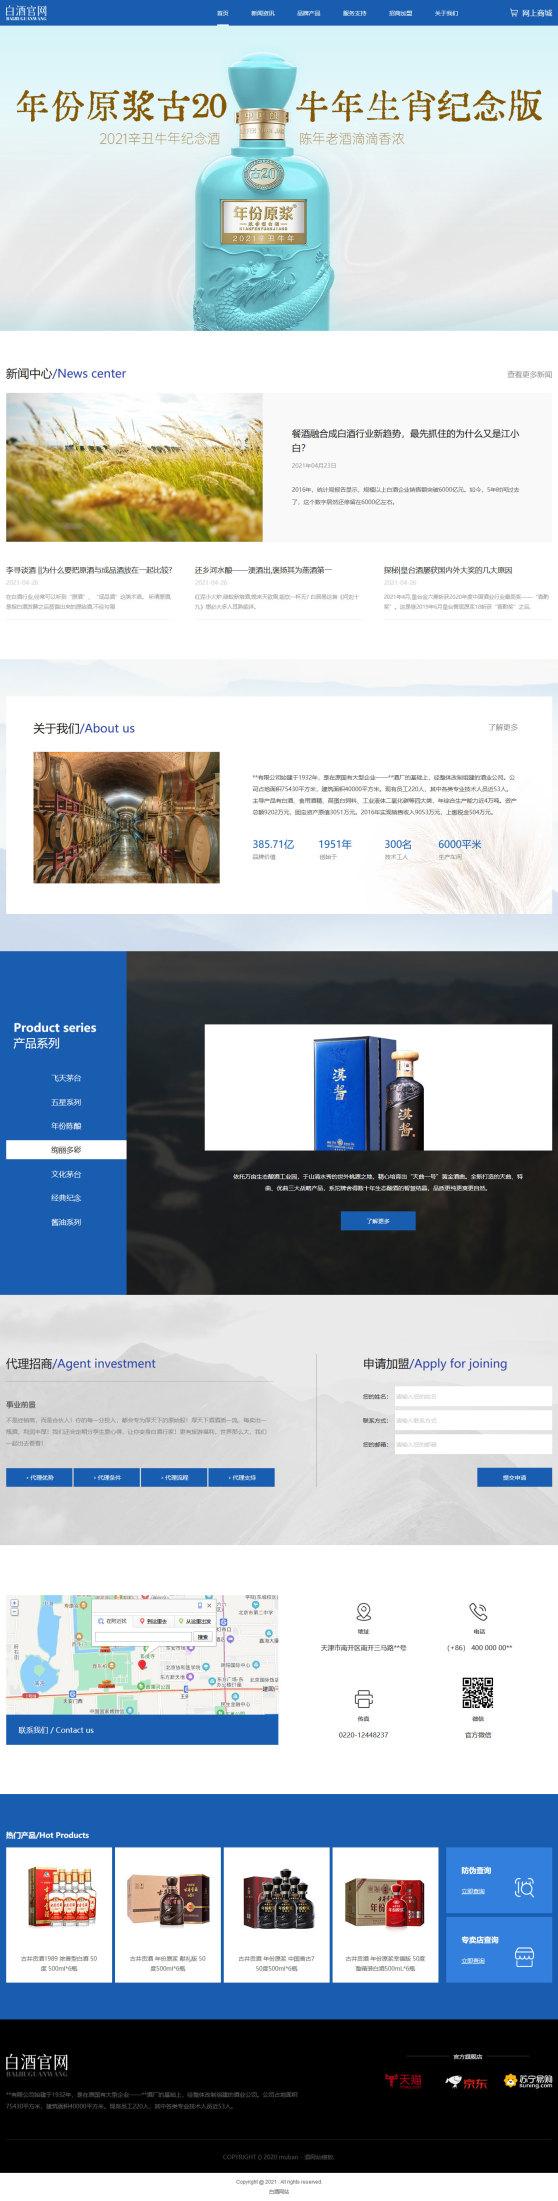 精选酒网站模板